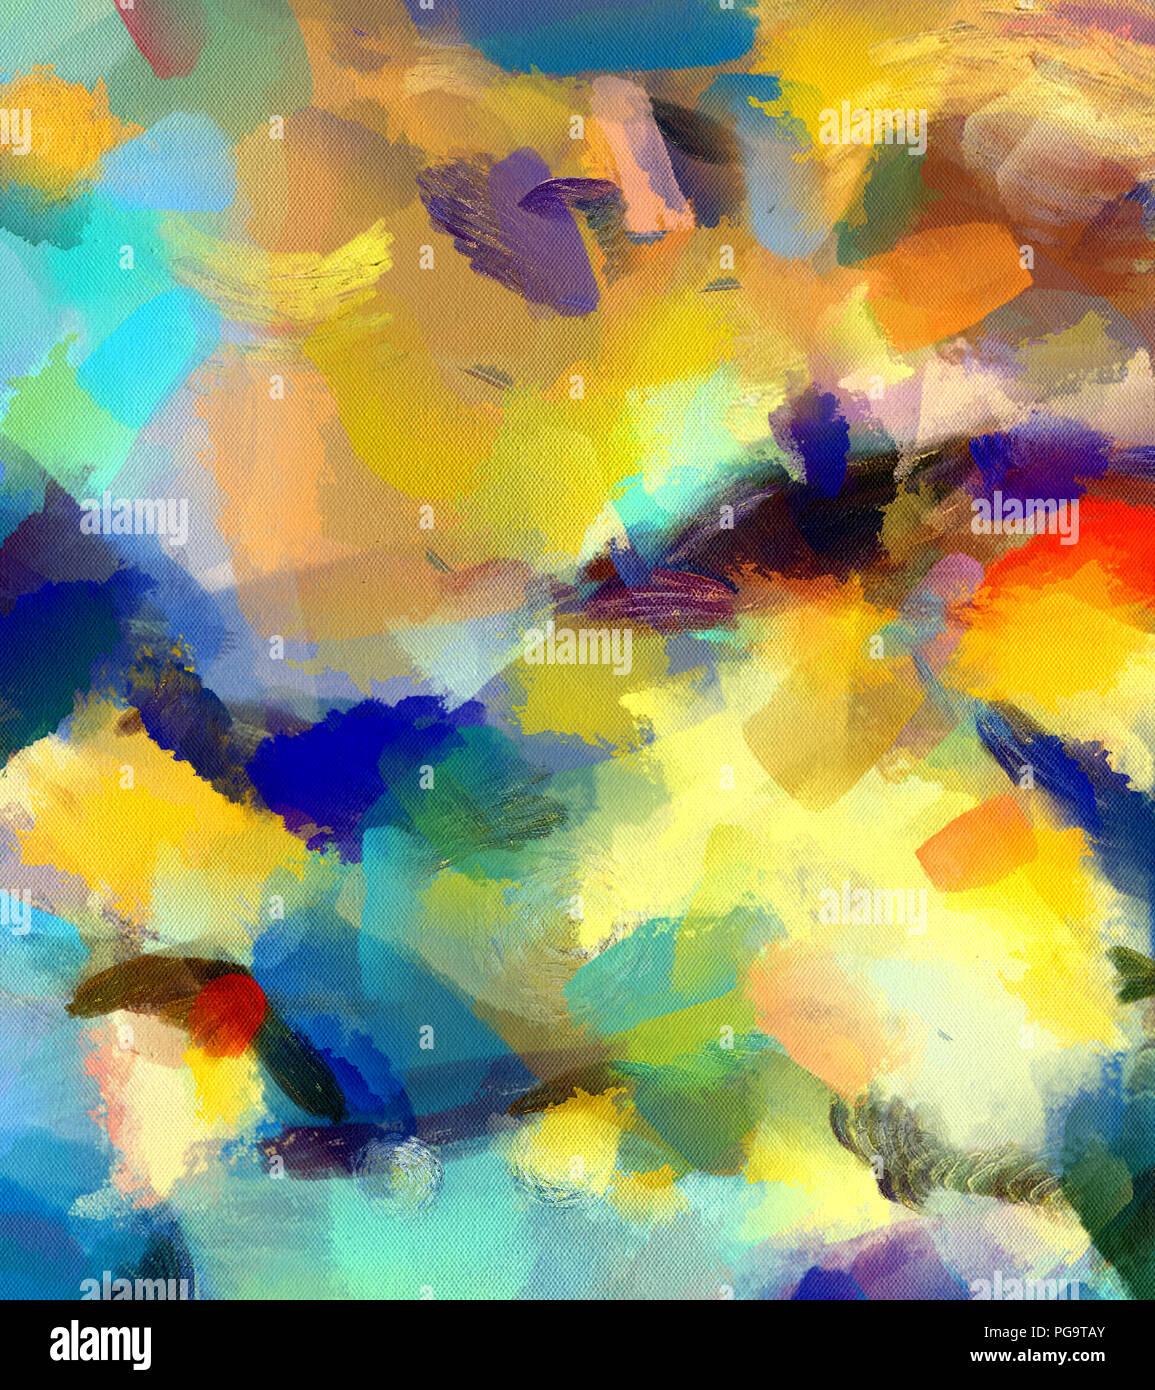 Tableau Abstrait Arriere Plan Peinture A L Huile Grand Format Mur Moderne Chaotique Pinceau D Art Peinture Sur Toile Impression Des Couleurs Vives Modele Pour Photo Stock Alamy